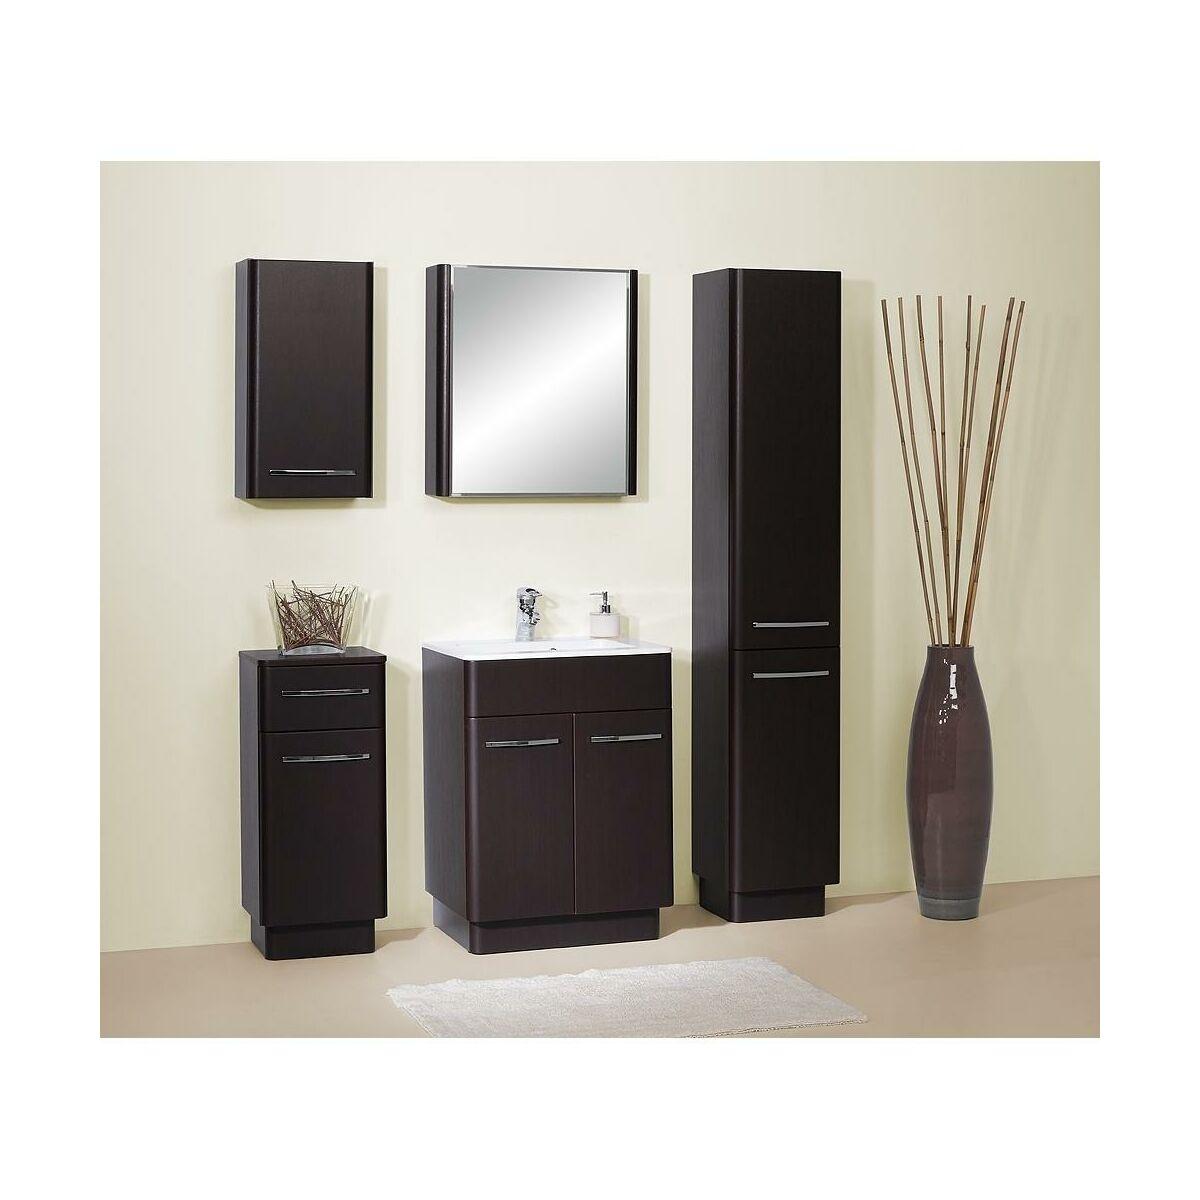 Meble Ogrodowe Z Technorattanu Leroy Merlin :  mebli łazienkowych  w atrakcyjnej cenie w sklepach Leroy Merlin